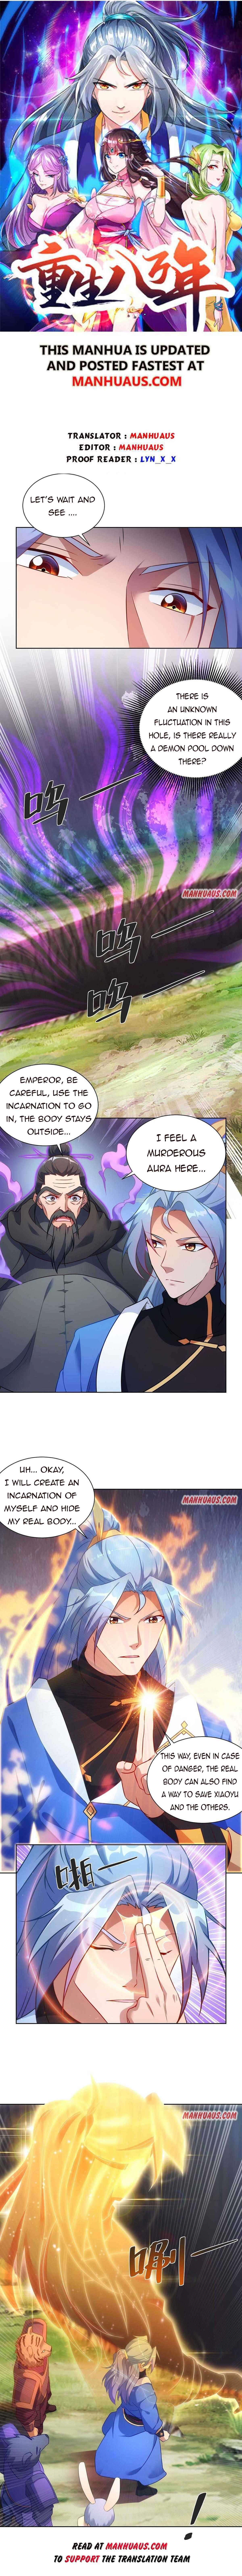 Reborn 80,000 Years Chapter 237 page 1 - Mangakakalot